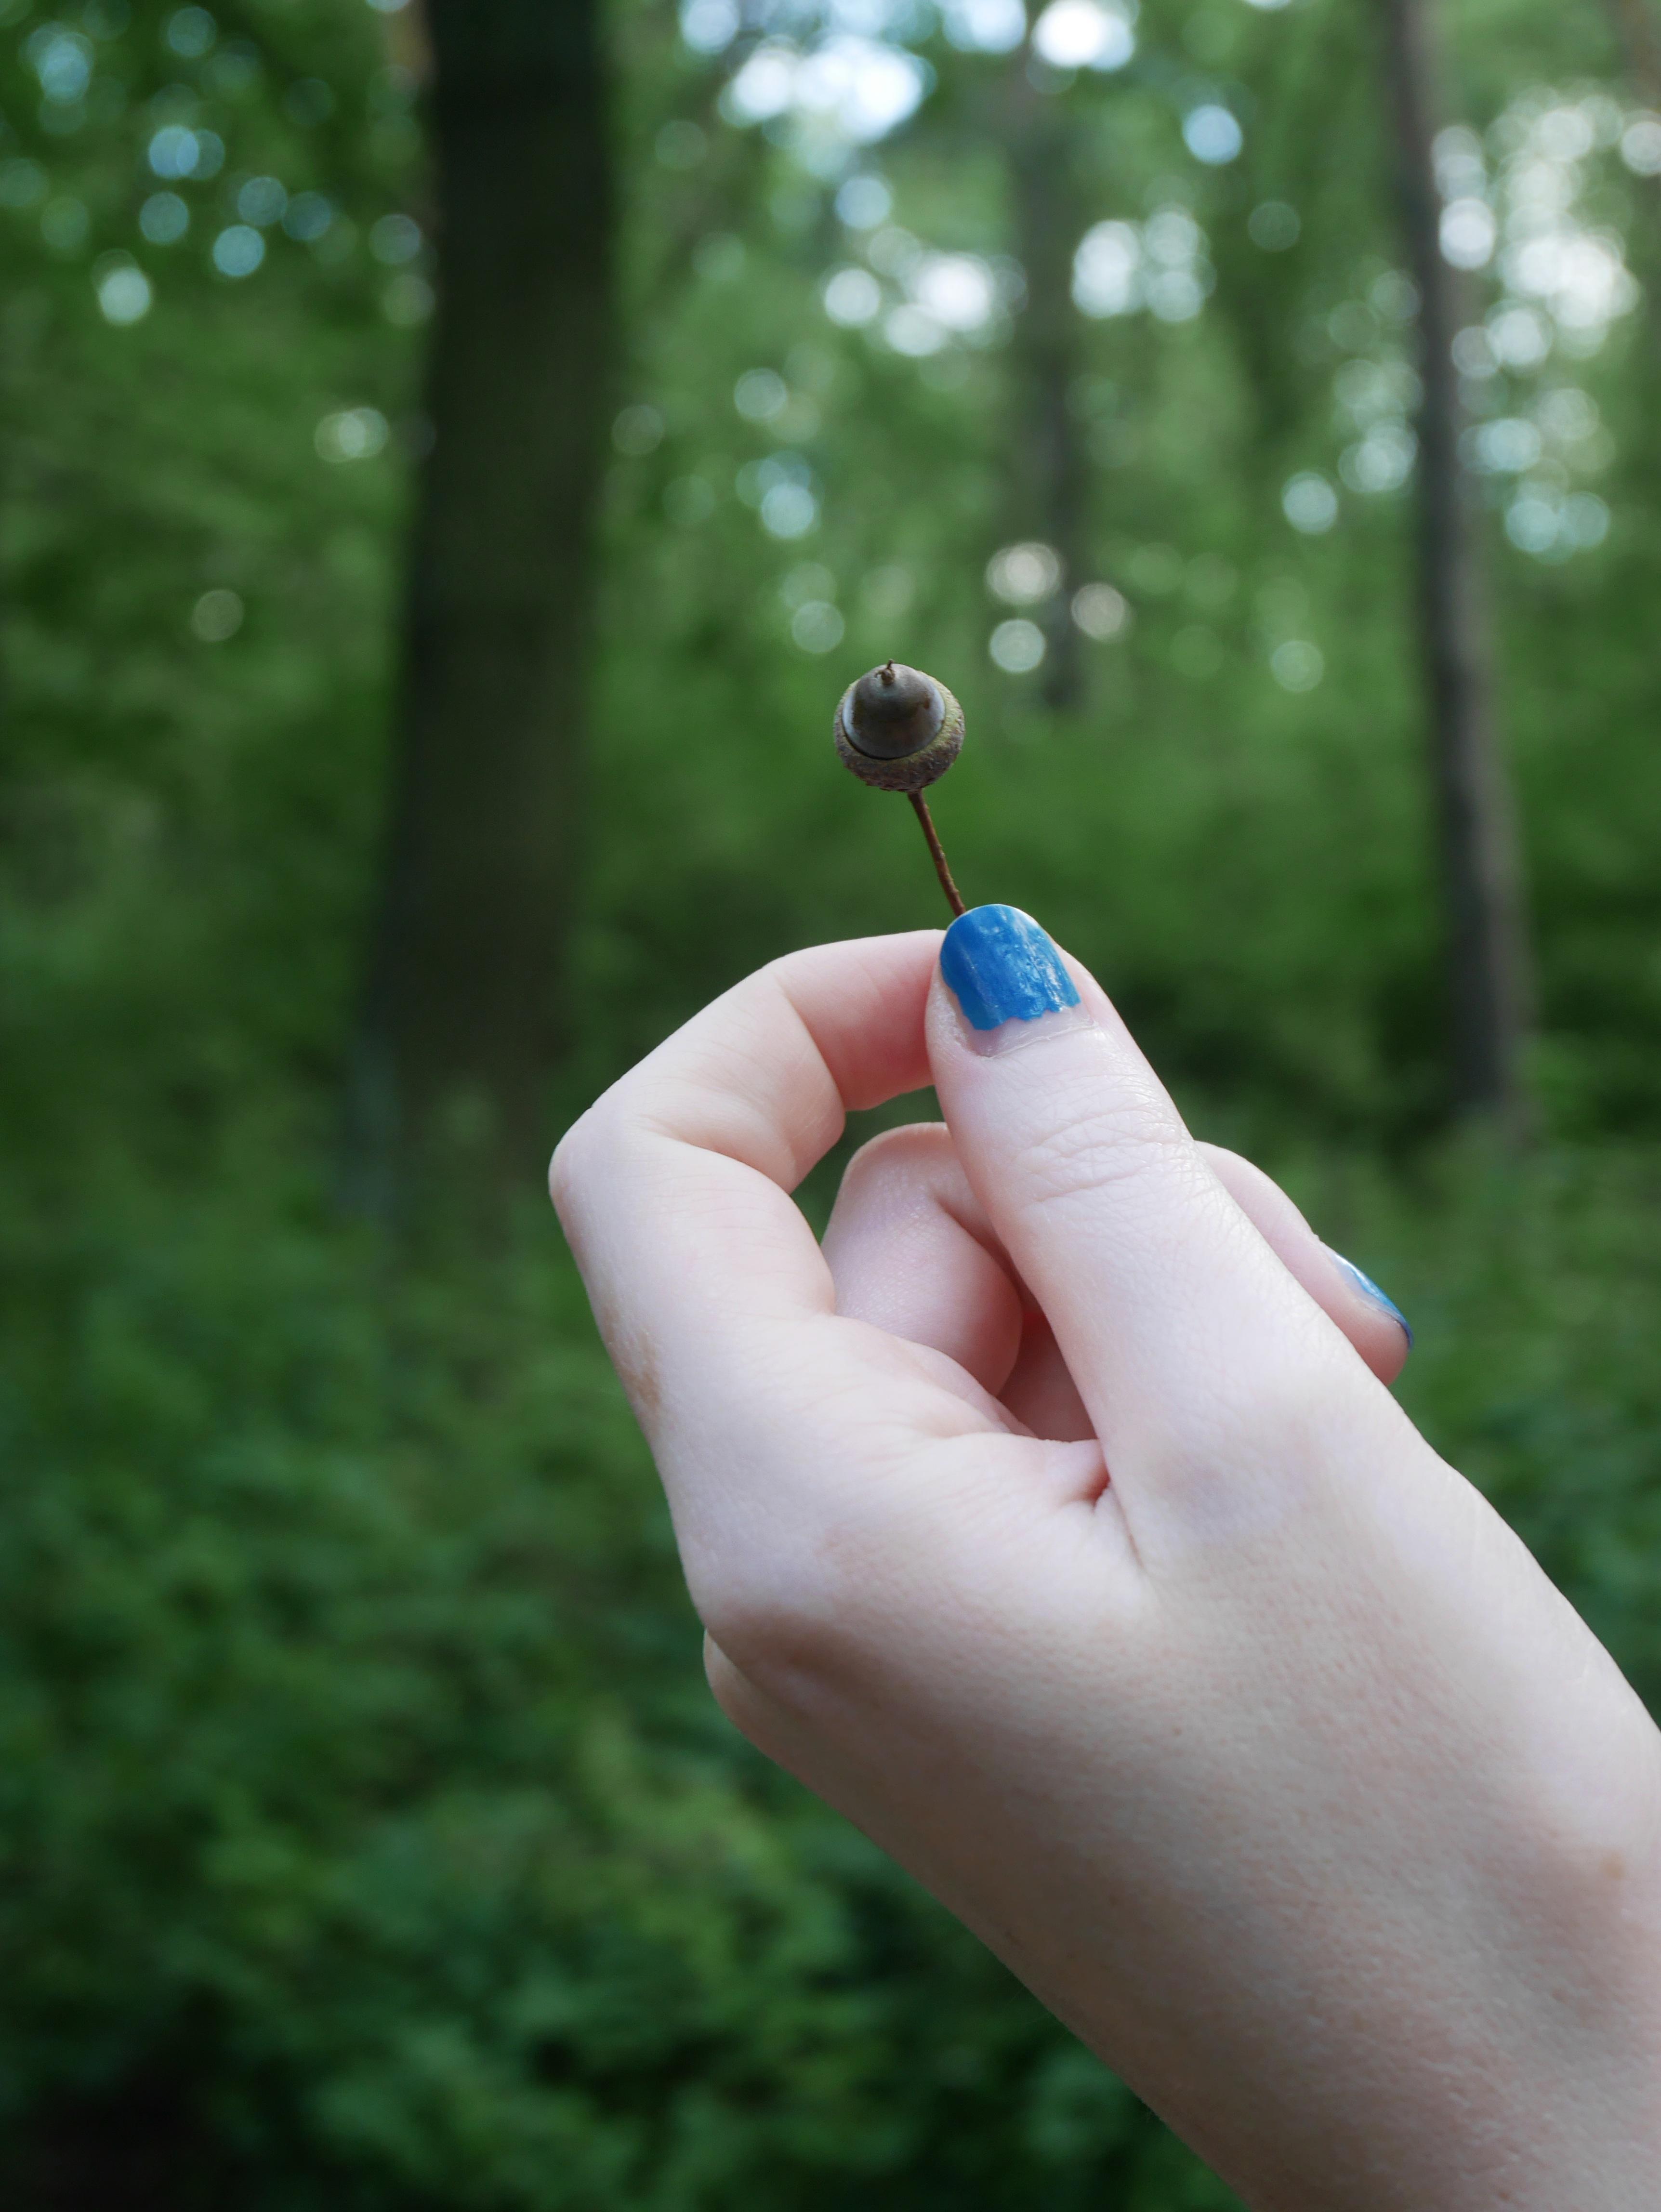 Fotos gratis : mano, árbol, naturaleza, bosque, césped, rama, planta ...